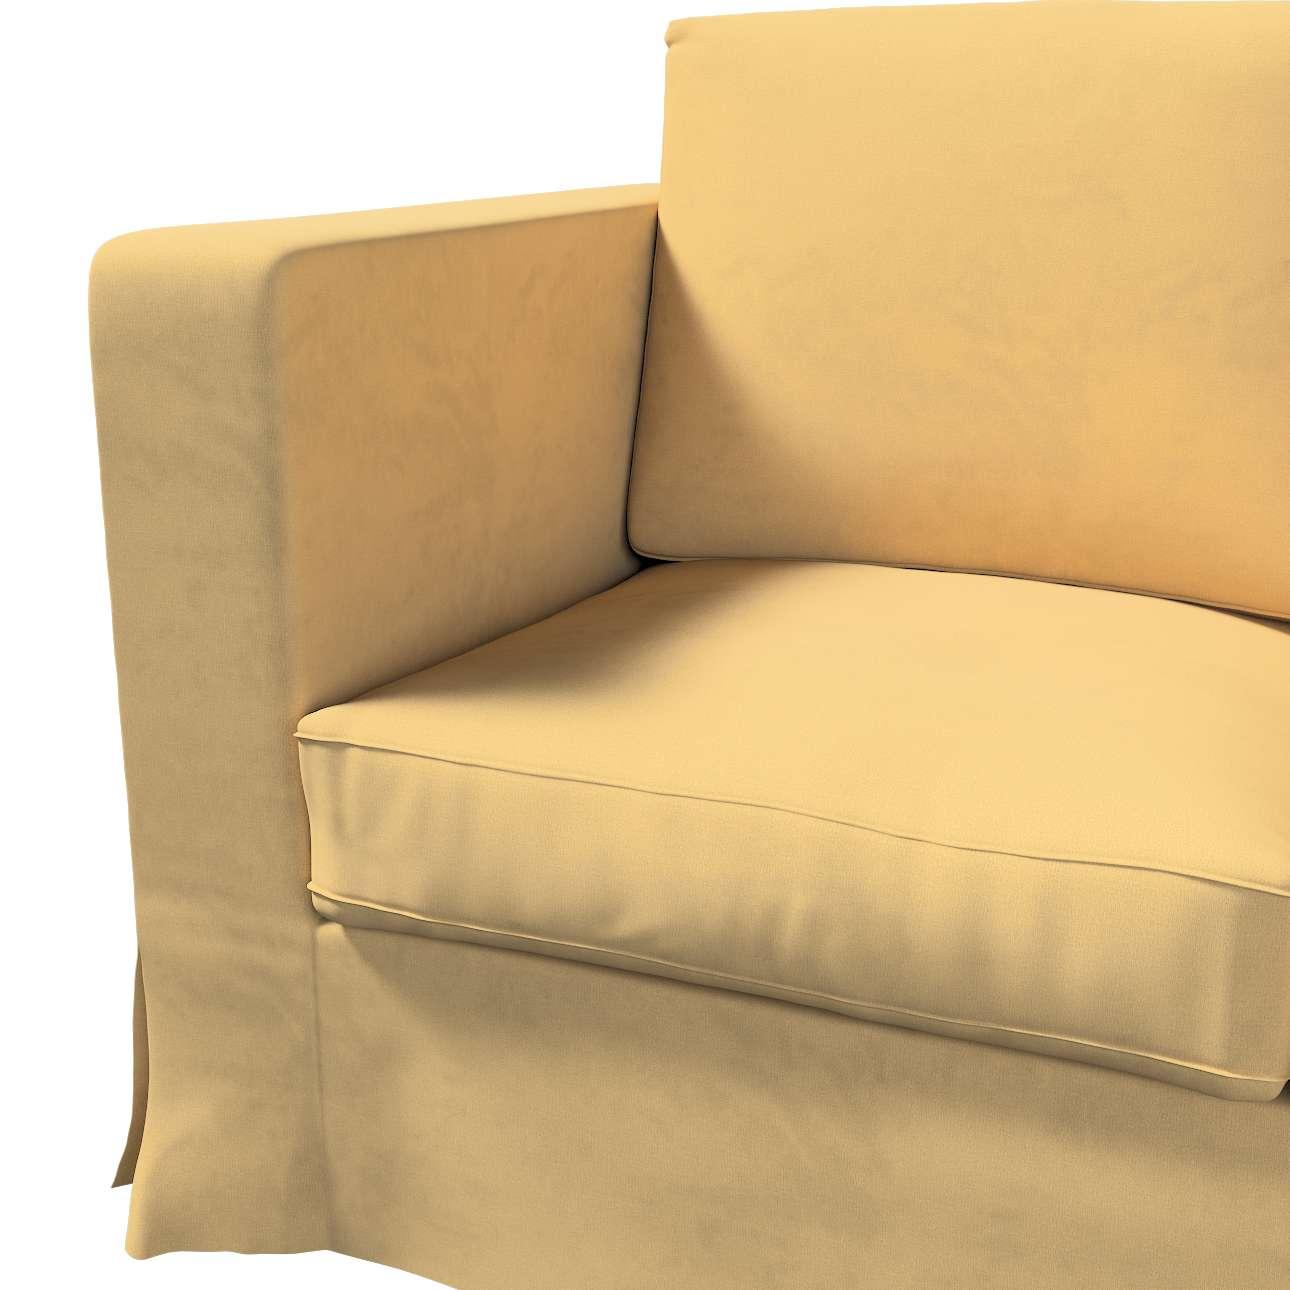 Bezug für Karlanda 3-Sitzer Sofa nicht ausklappbar, lang von der Kollektion Living II, Stoff: 160-93